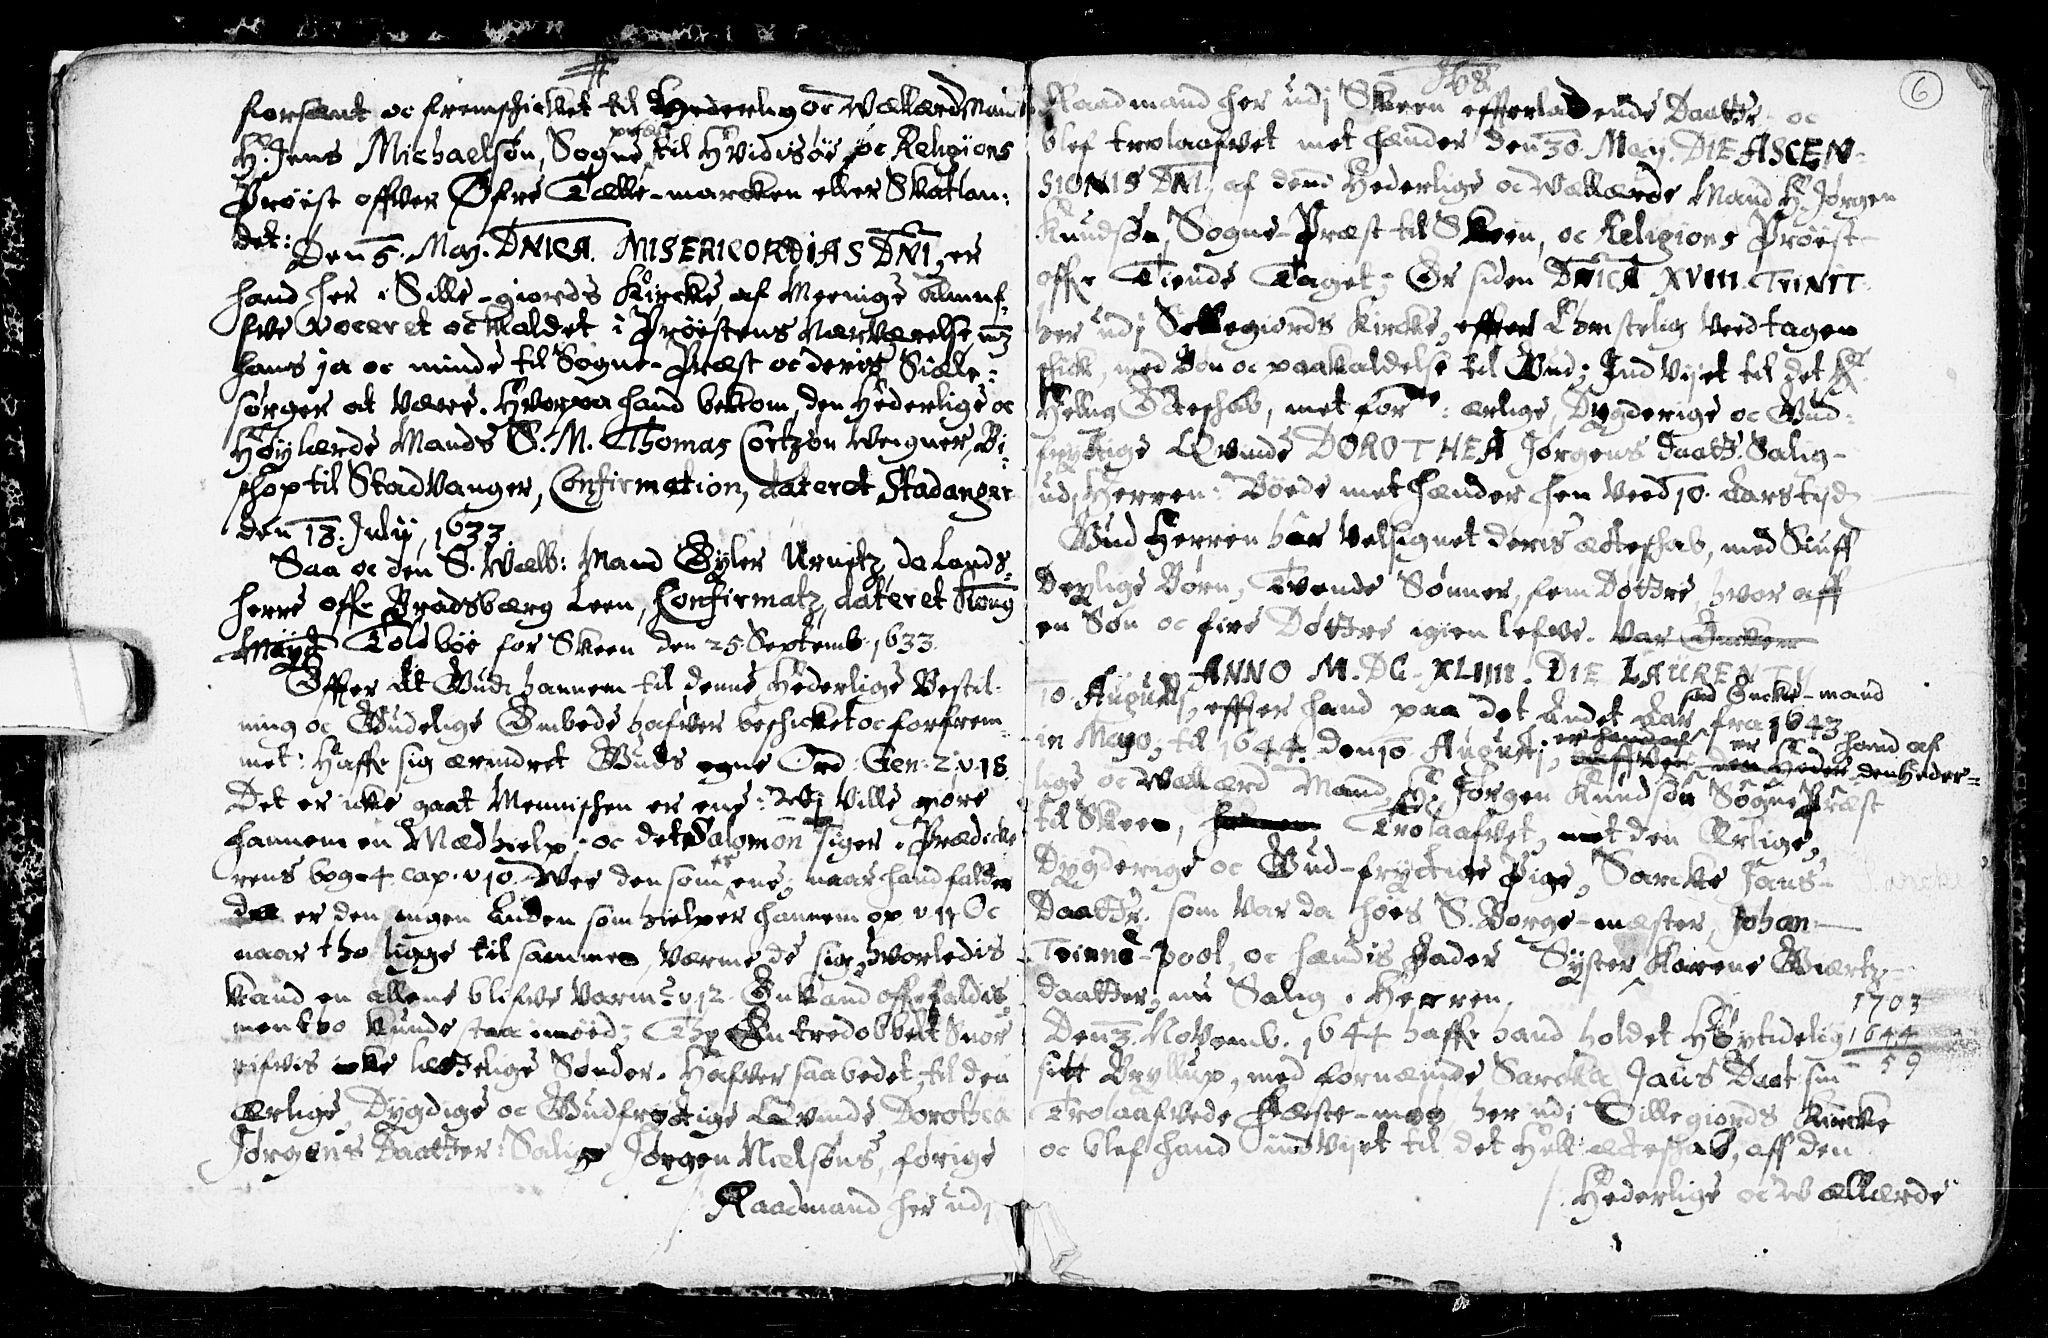 SAKO, Seljord kirkebøker, F/Fa/L0001: Ministerialbok nr. I 1, 1654-1686, s. 6